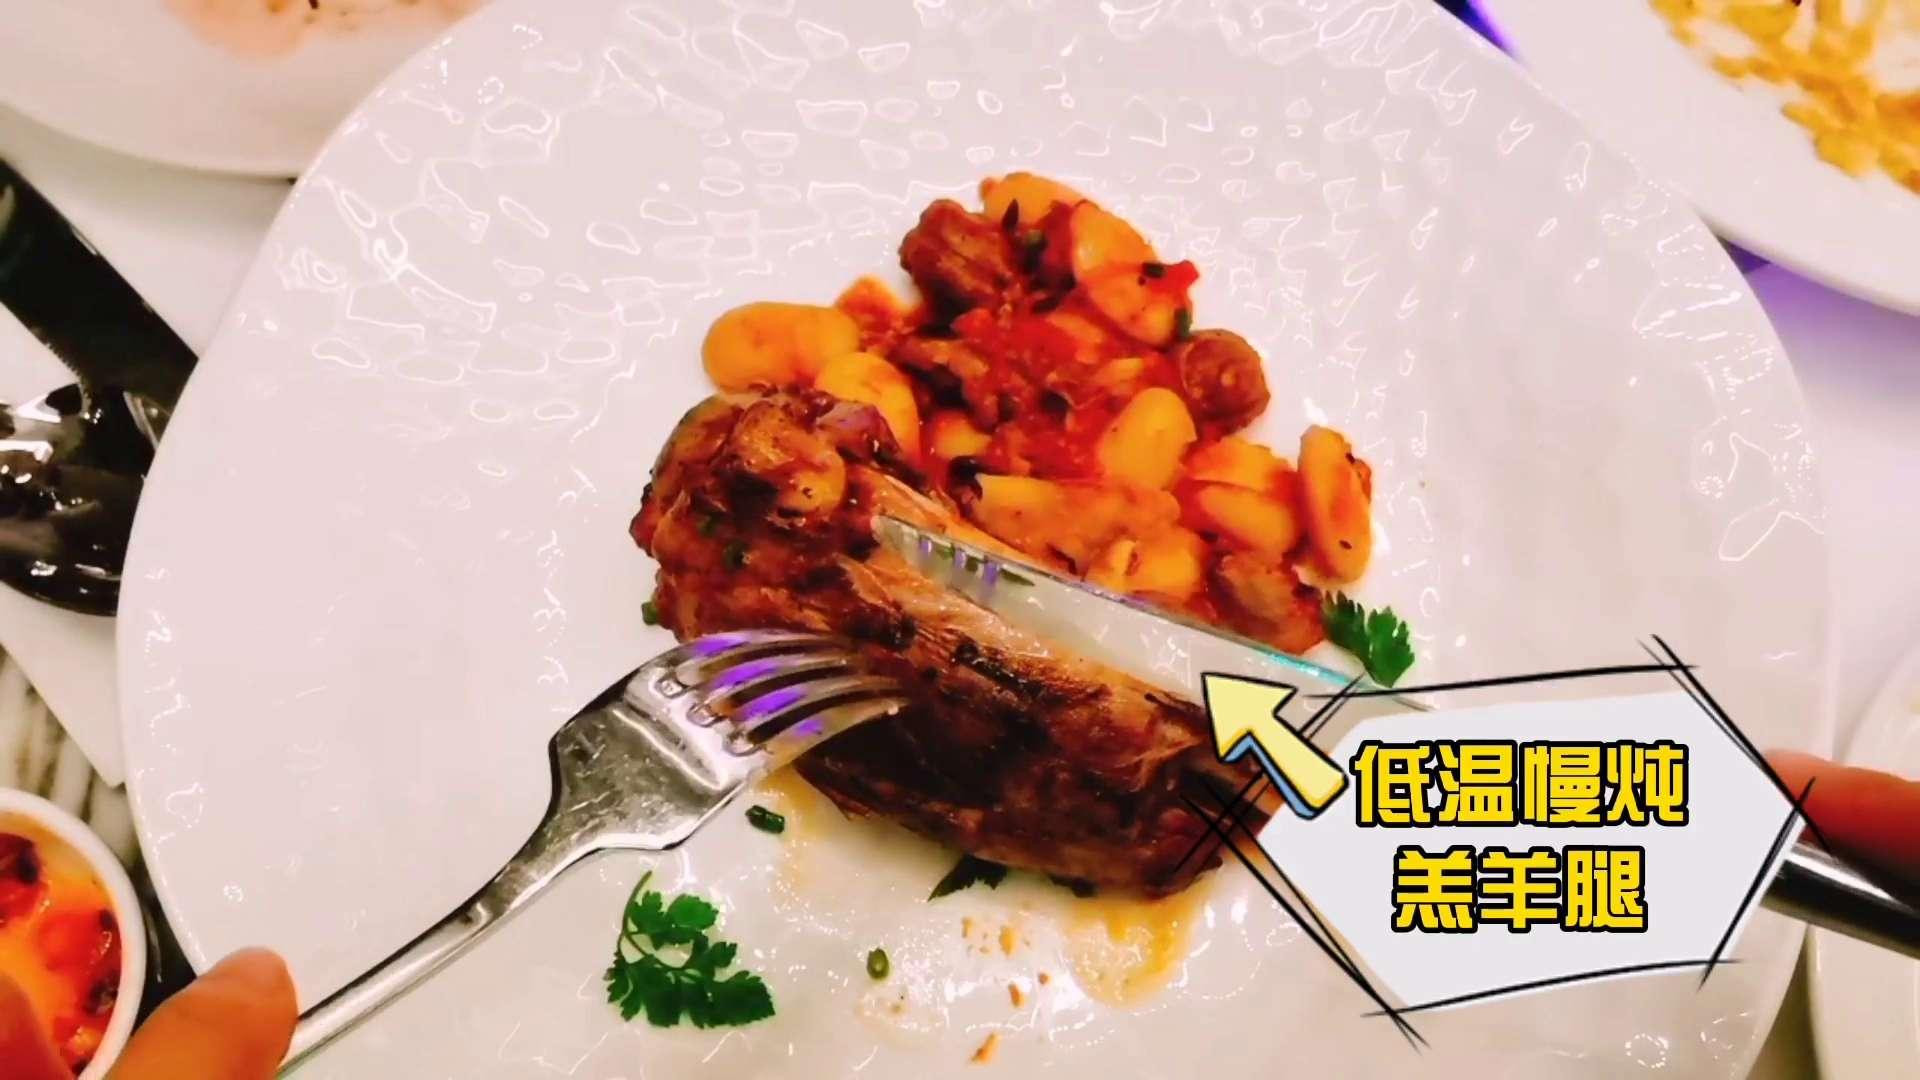 【荣耀20S】孙燕姿推荐的圣诞心动餐厅,荣耀-花粉俱乐部